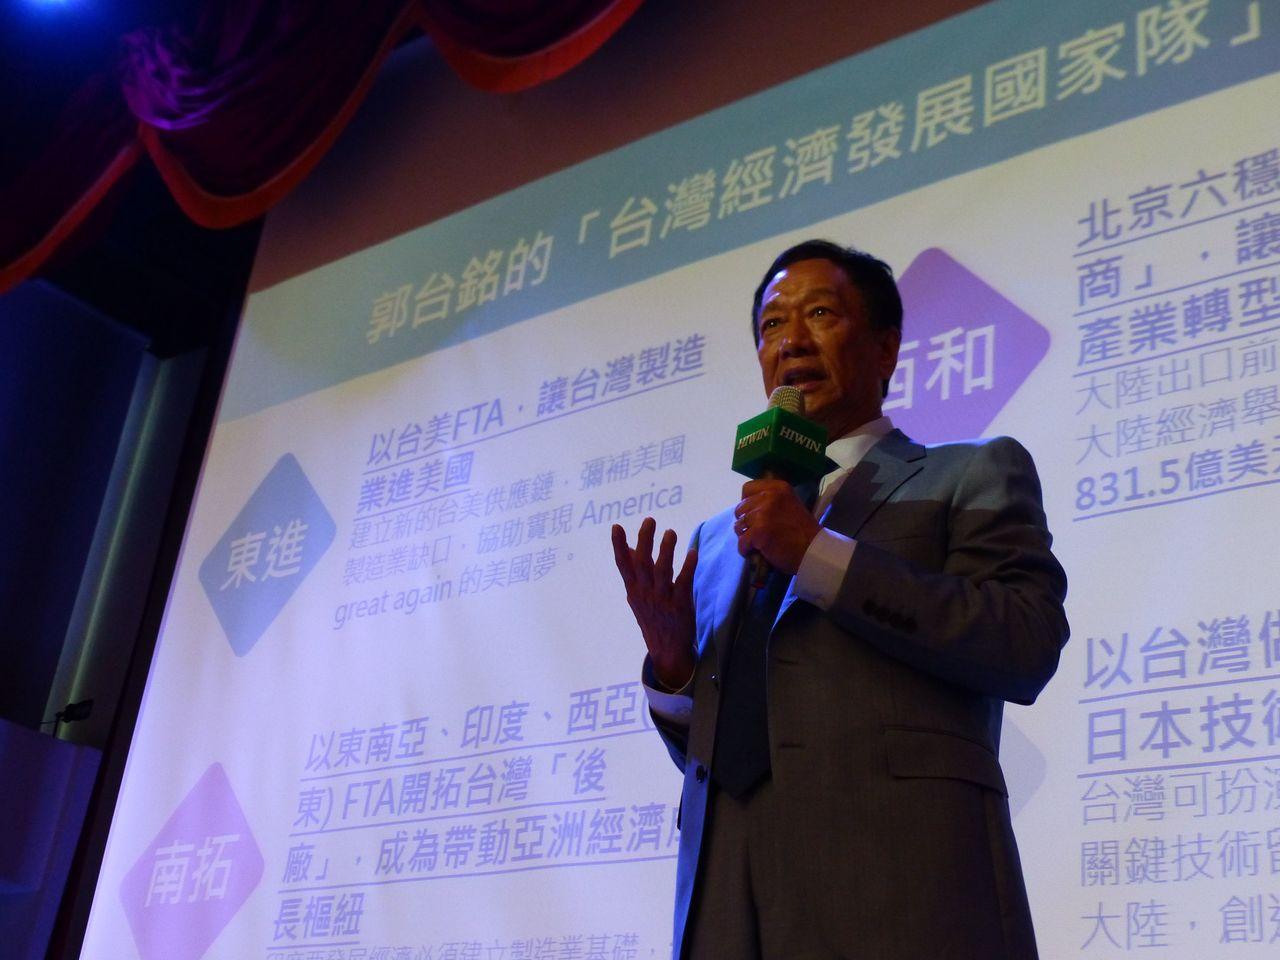 鴻海集團創辦人郭台銘。圖/本報資料照片、記者趙容萱攝影